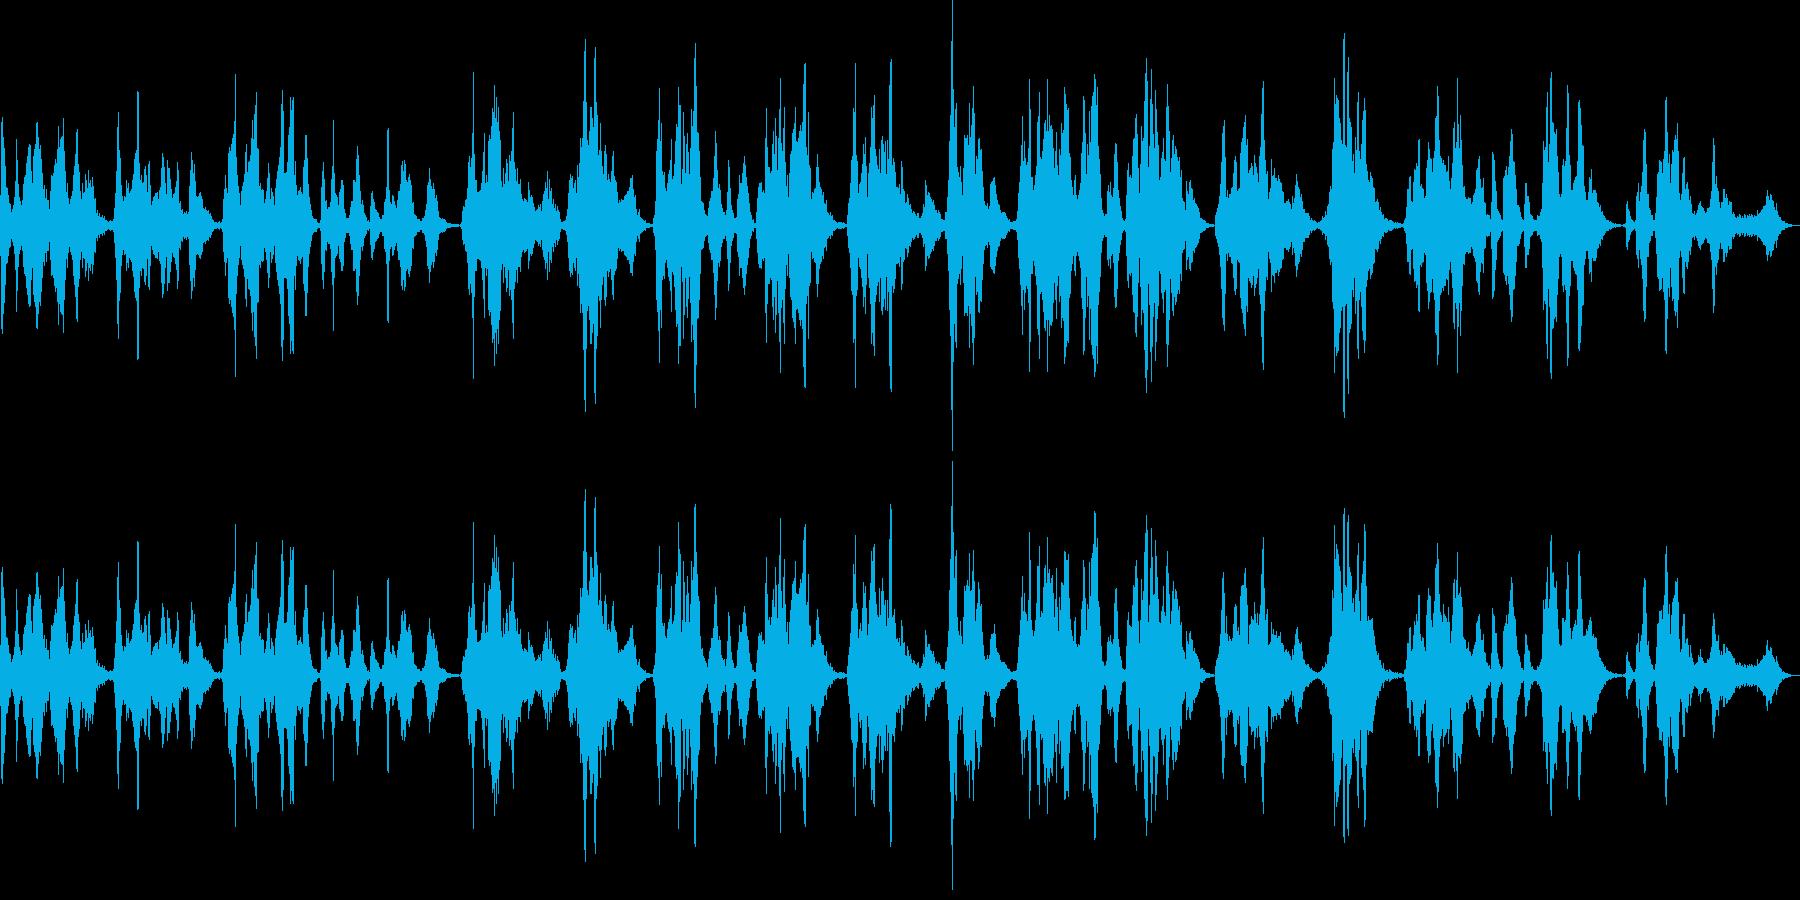 二胡独奏~モンゴル草原のバラード草原情歌の再生済みの波形